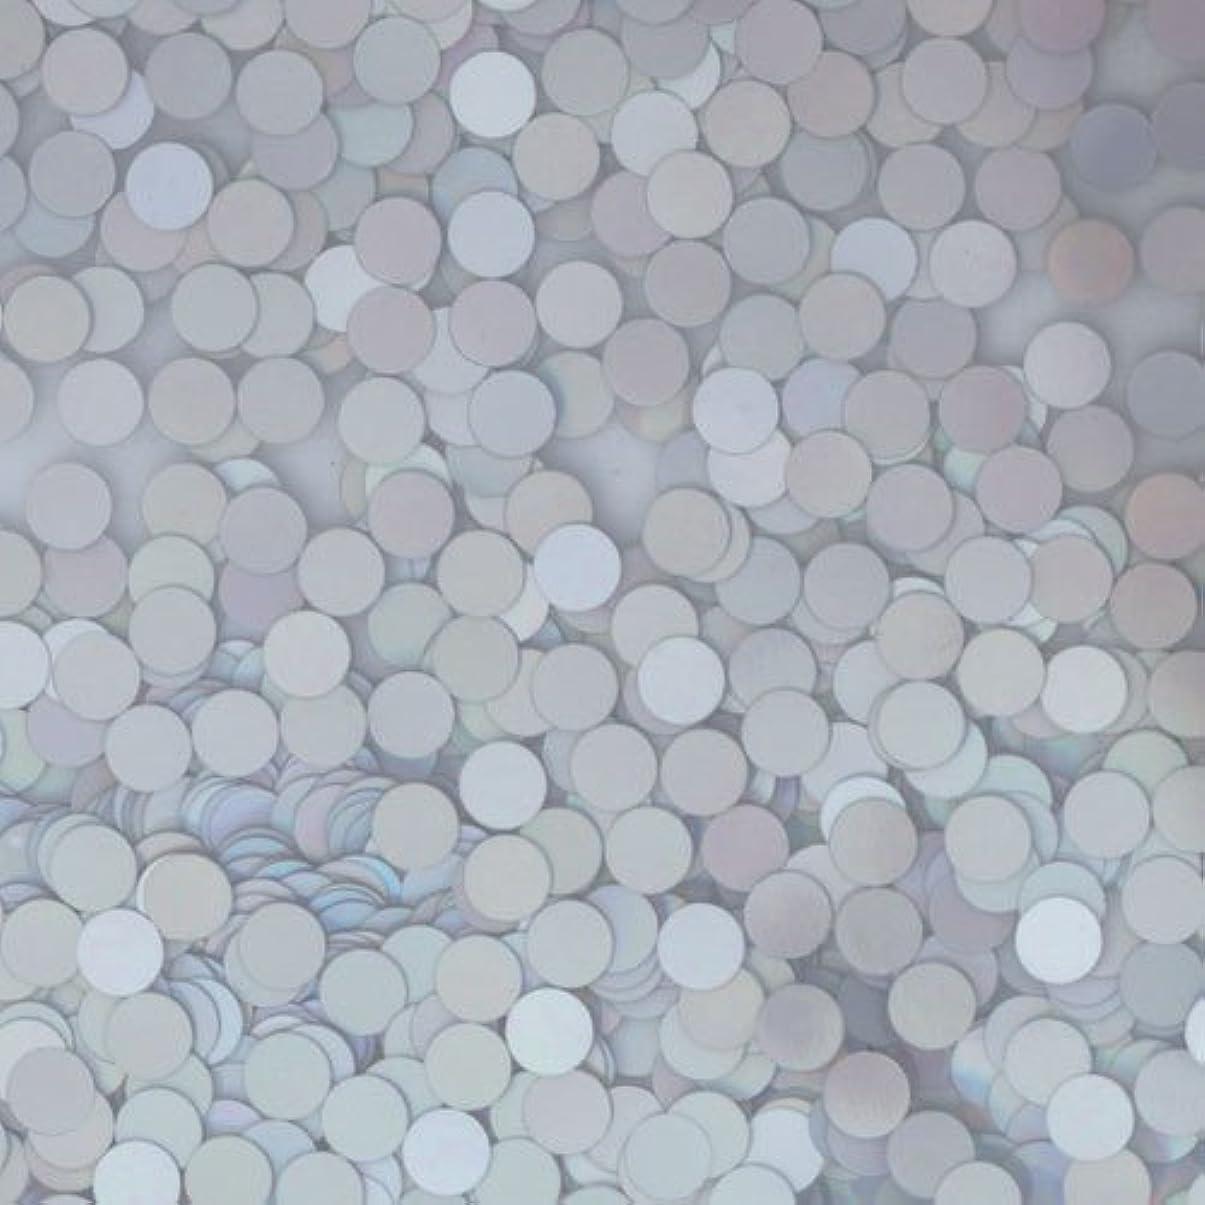 照らす怒っている学者ピカエース ネイル用パウダー ピカエース 丸ホロ 1.5mm #883 マットシルバー 0.5g アート材